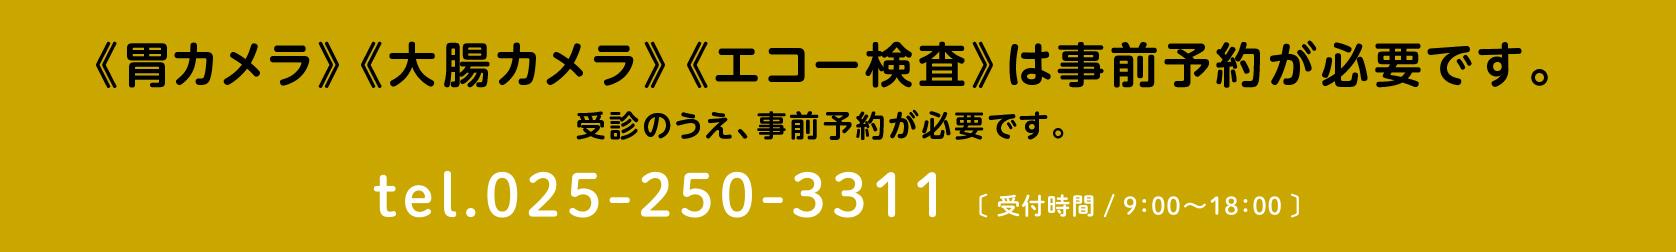 《胃カメラ》《大腸カメラ》《エコー検査》は事前予約が必要です。ご希望の方はお電話にてお問い合わせください。